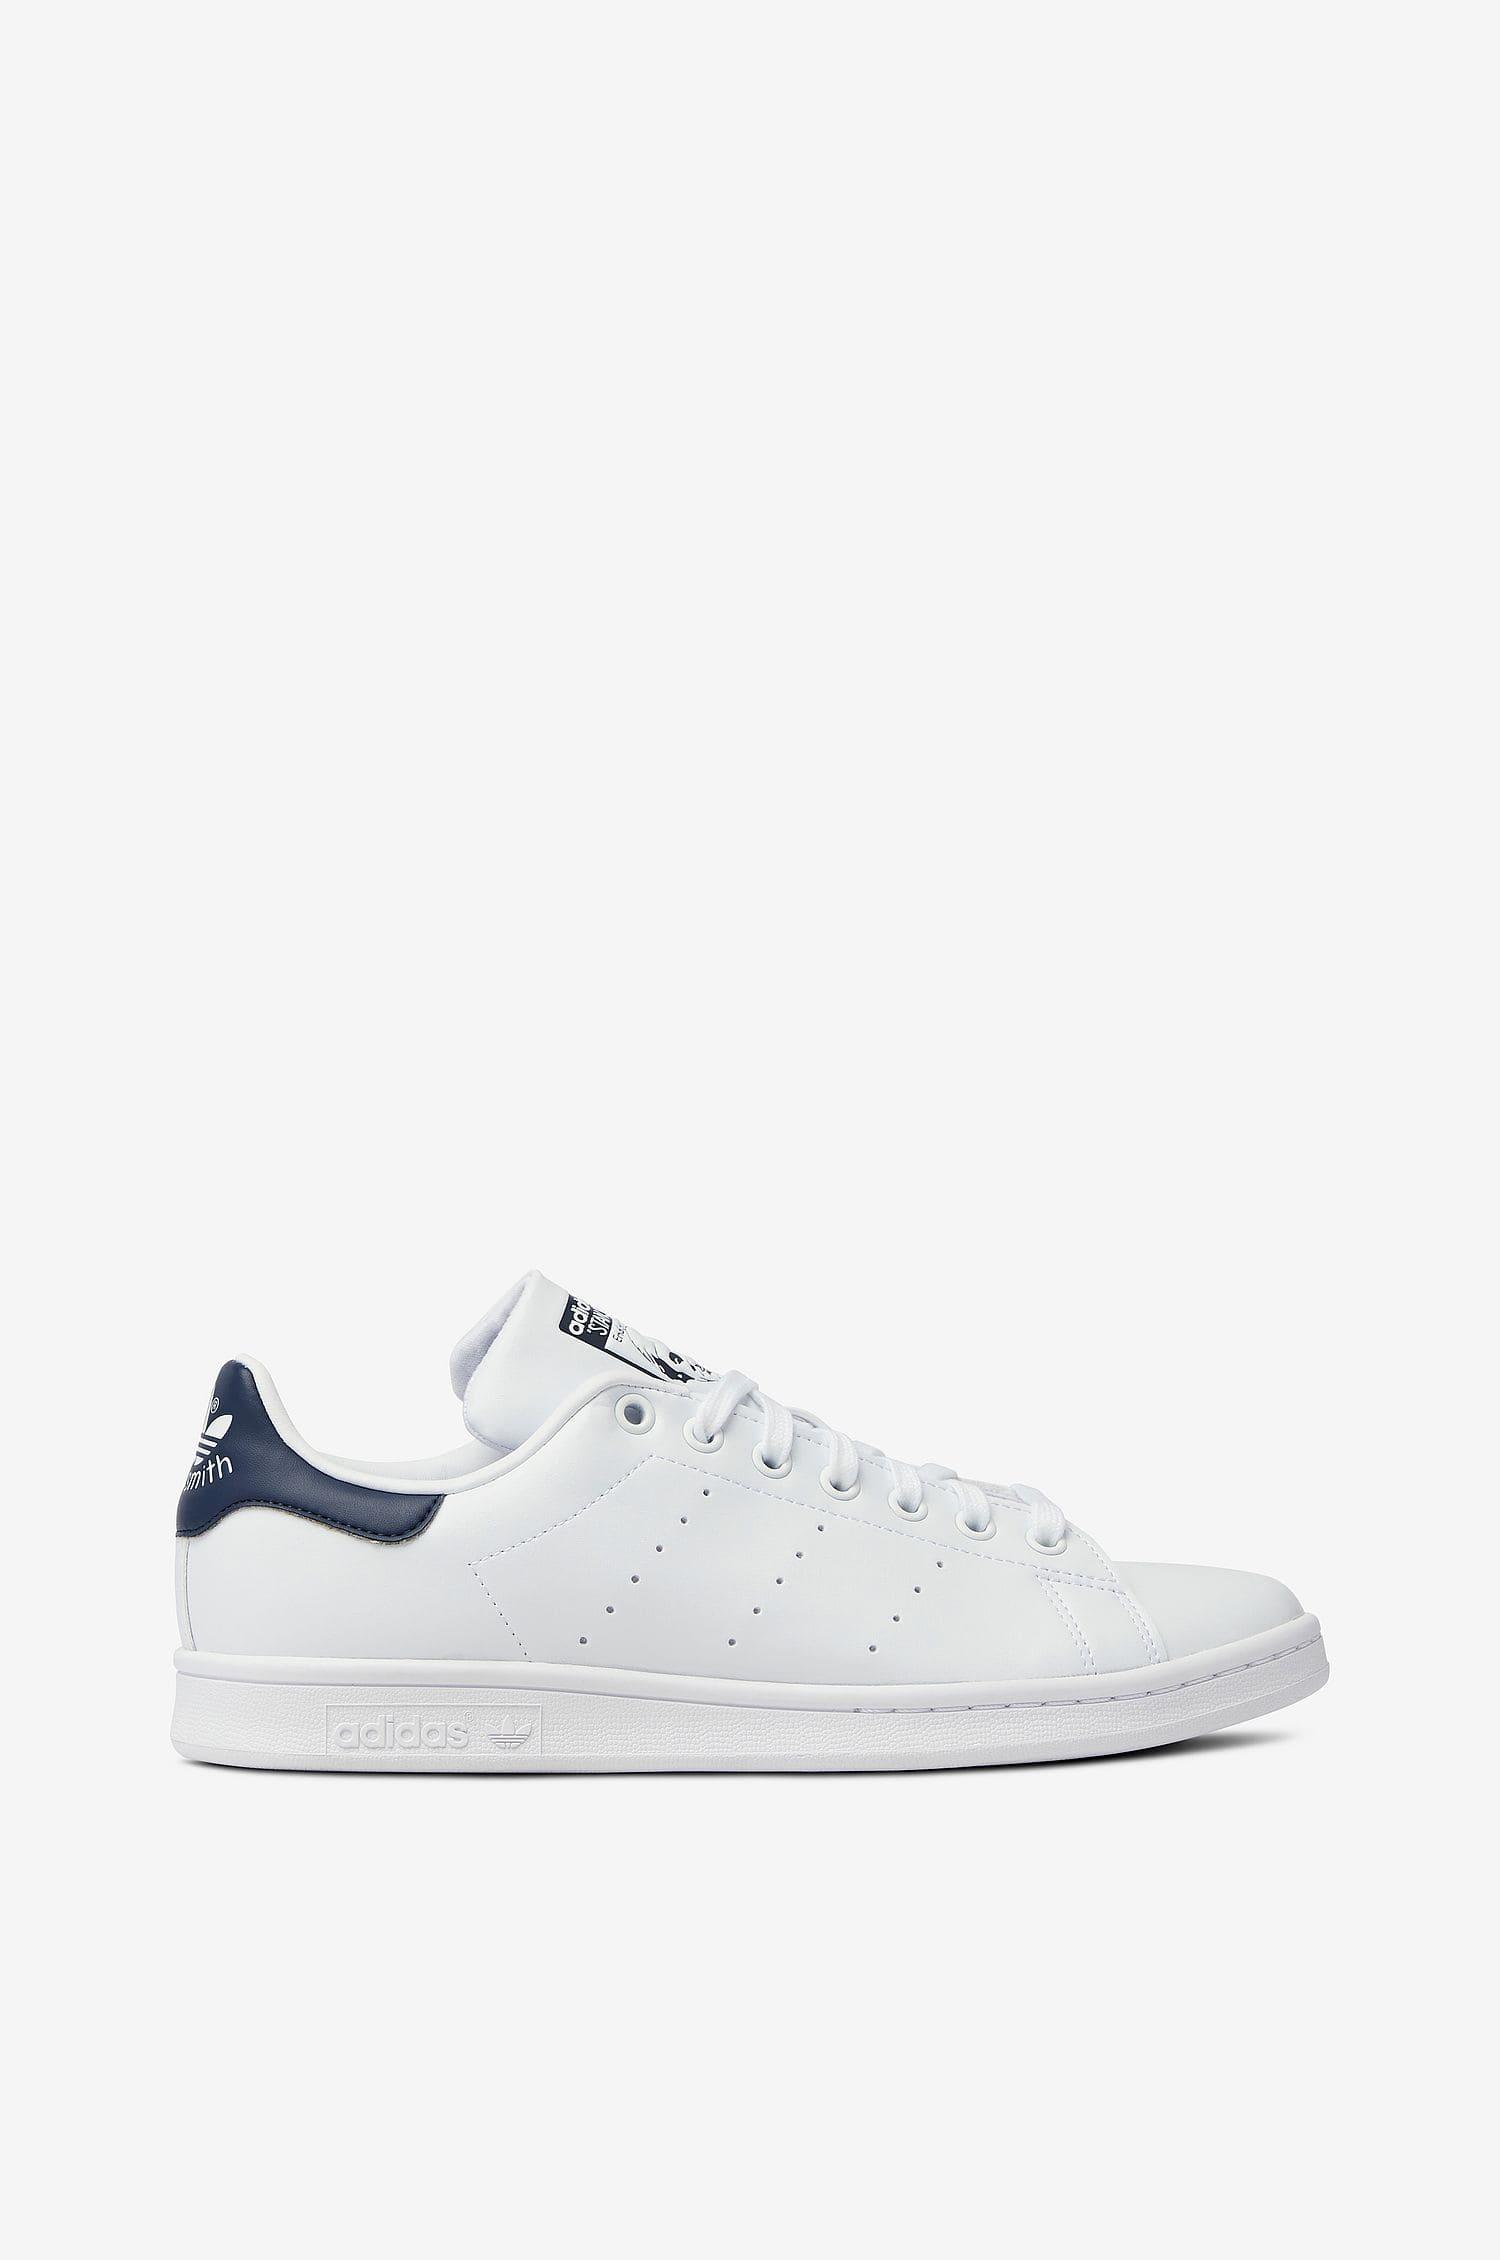 Ett par vita, veganska sneakers med mörkblå detalj från Adidas Originals i modellen Stan Smith.